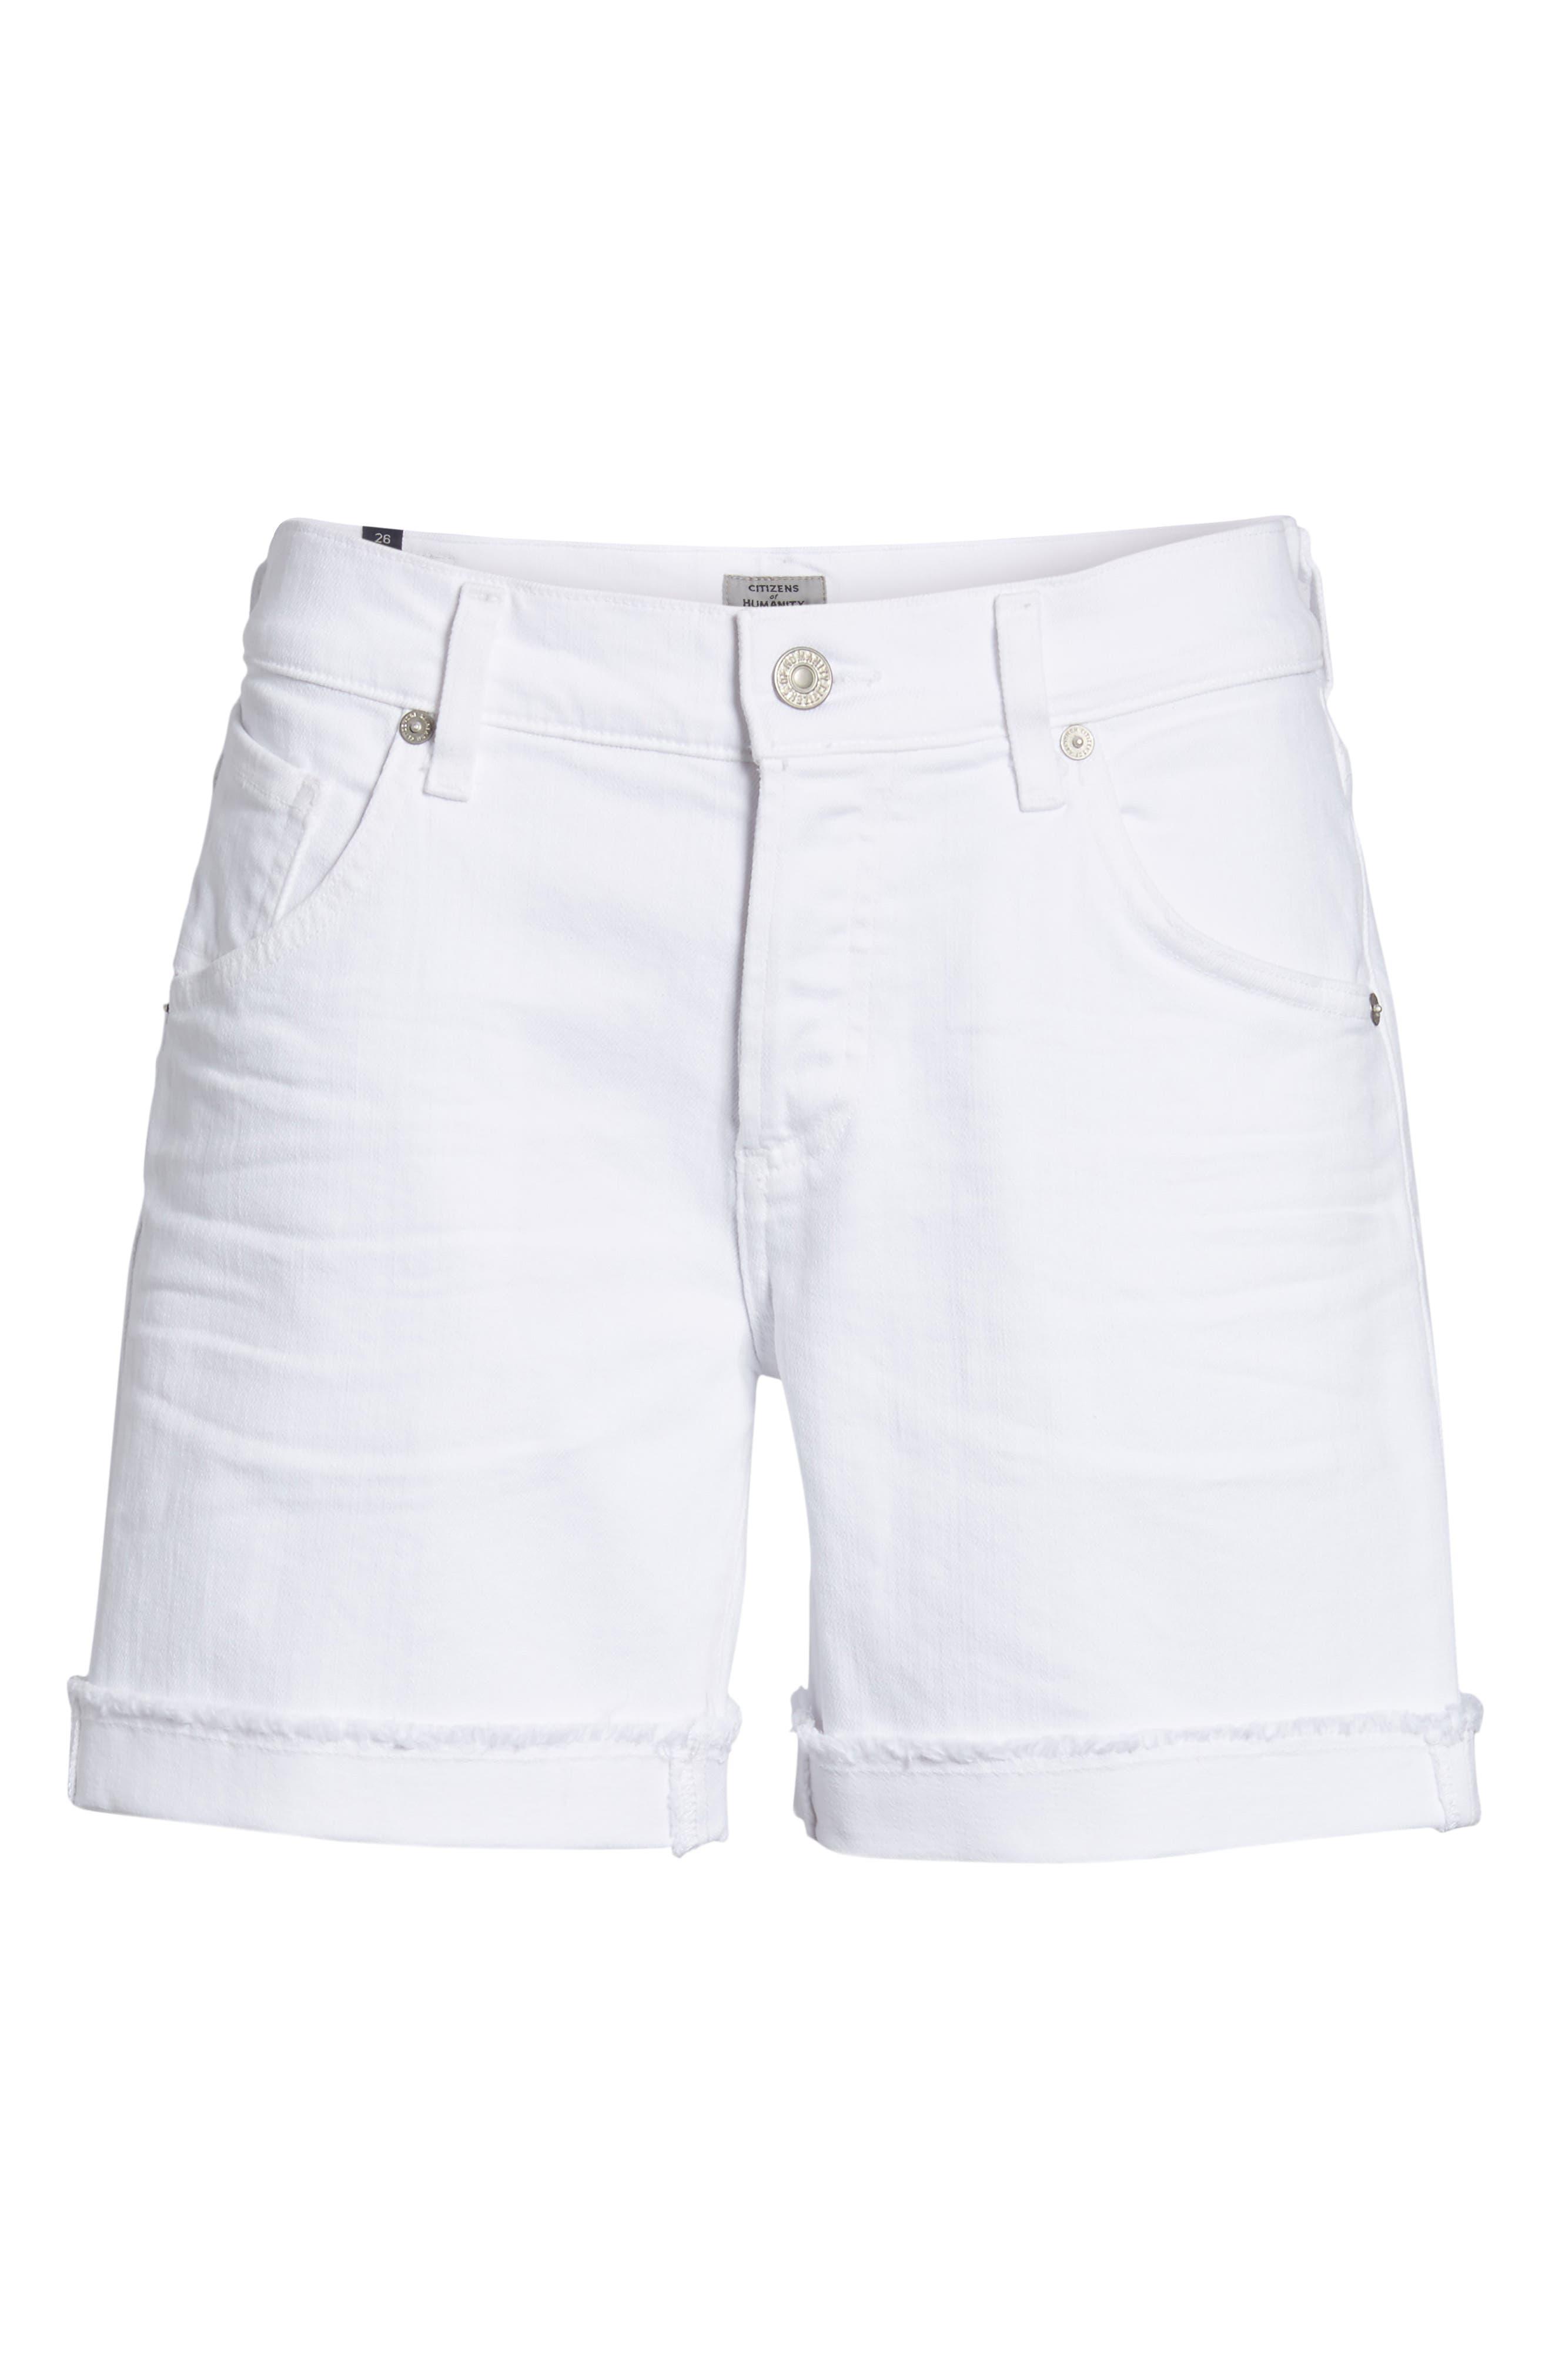 Skyler Denim Shorts,                             Alternate thumbnail 7, color,                             Optic White